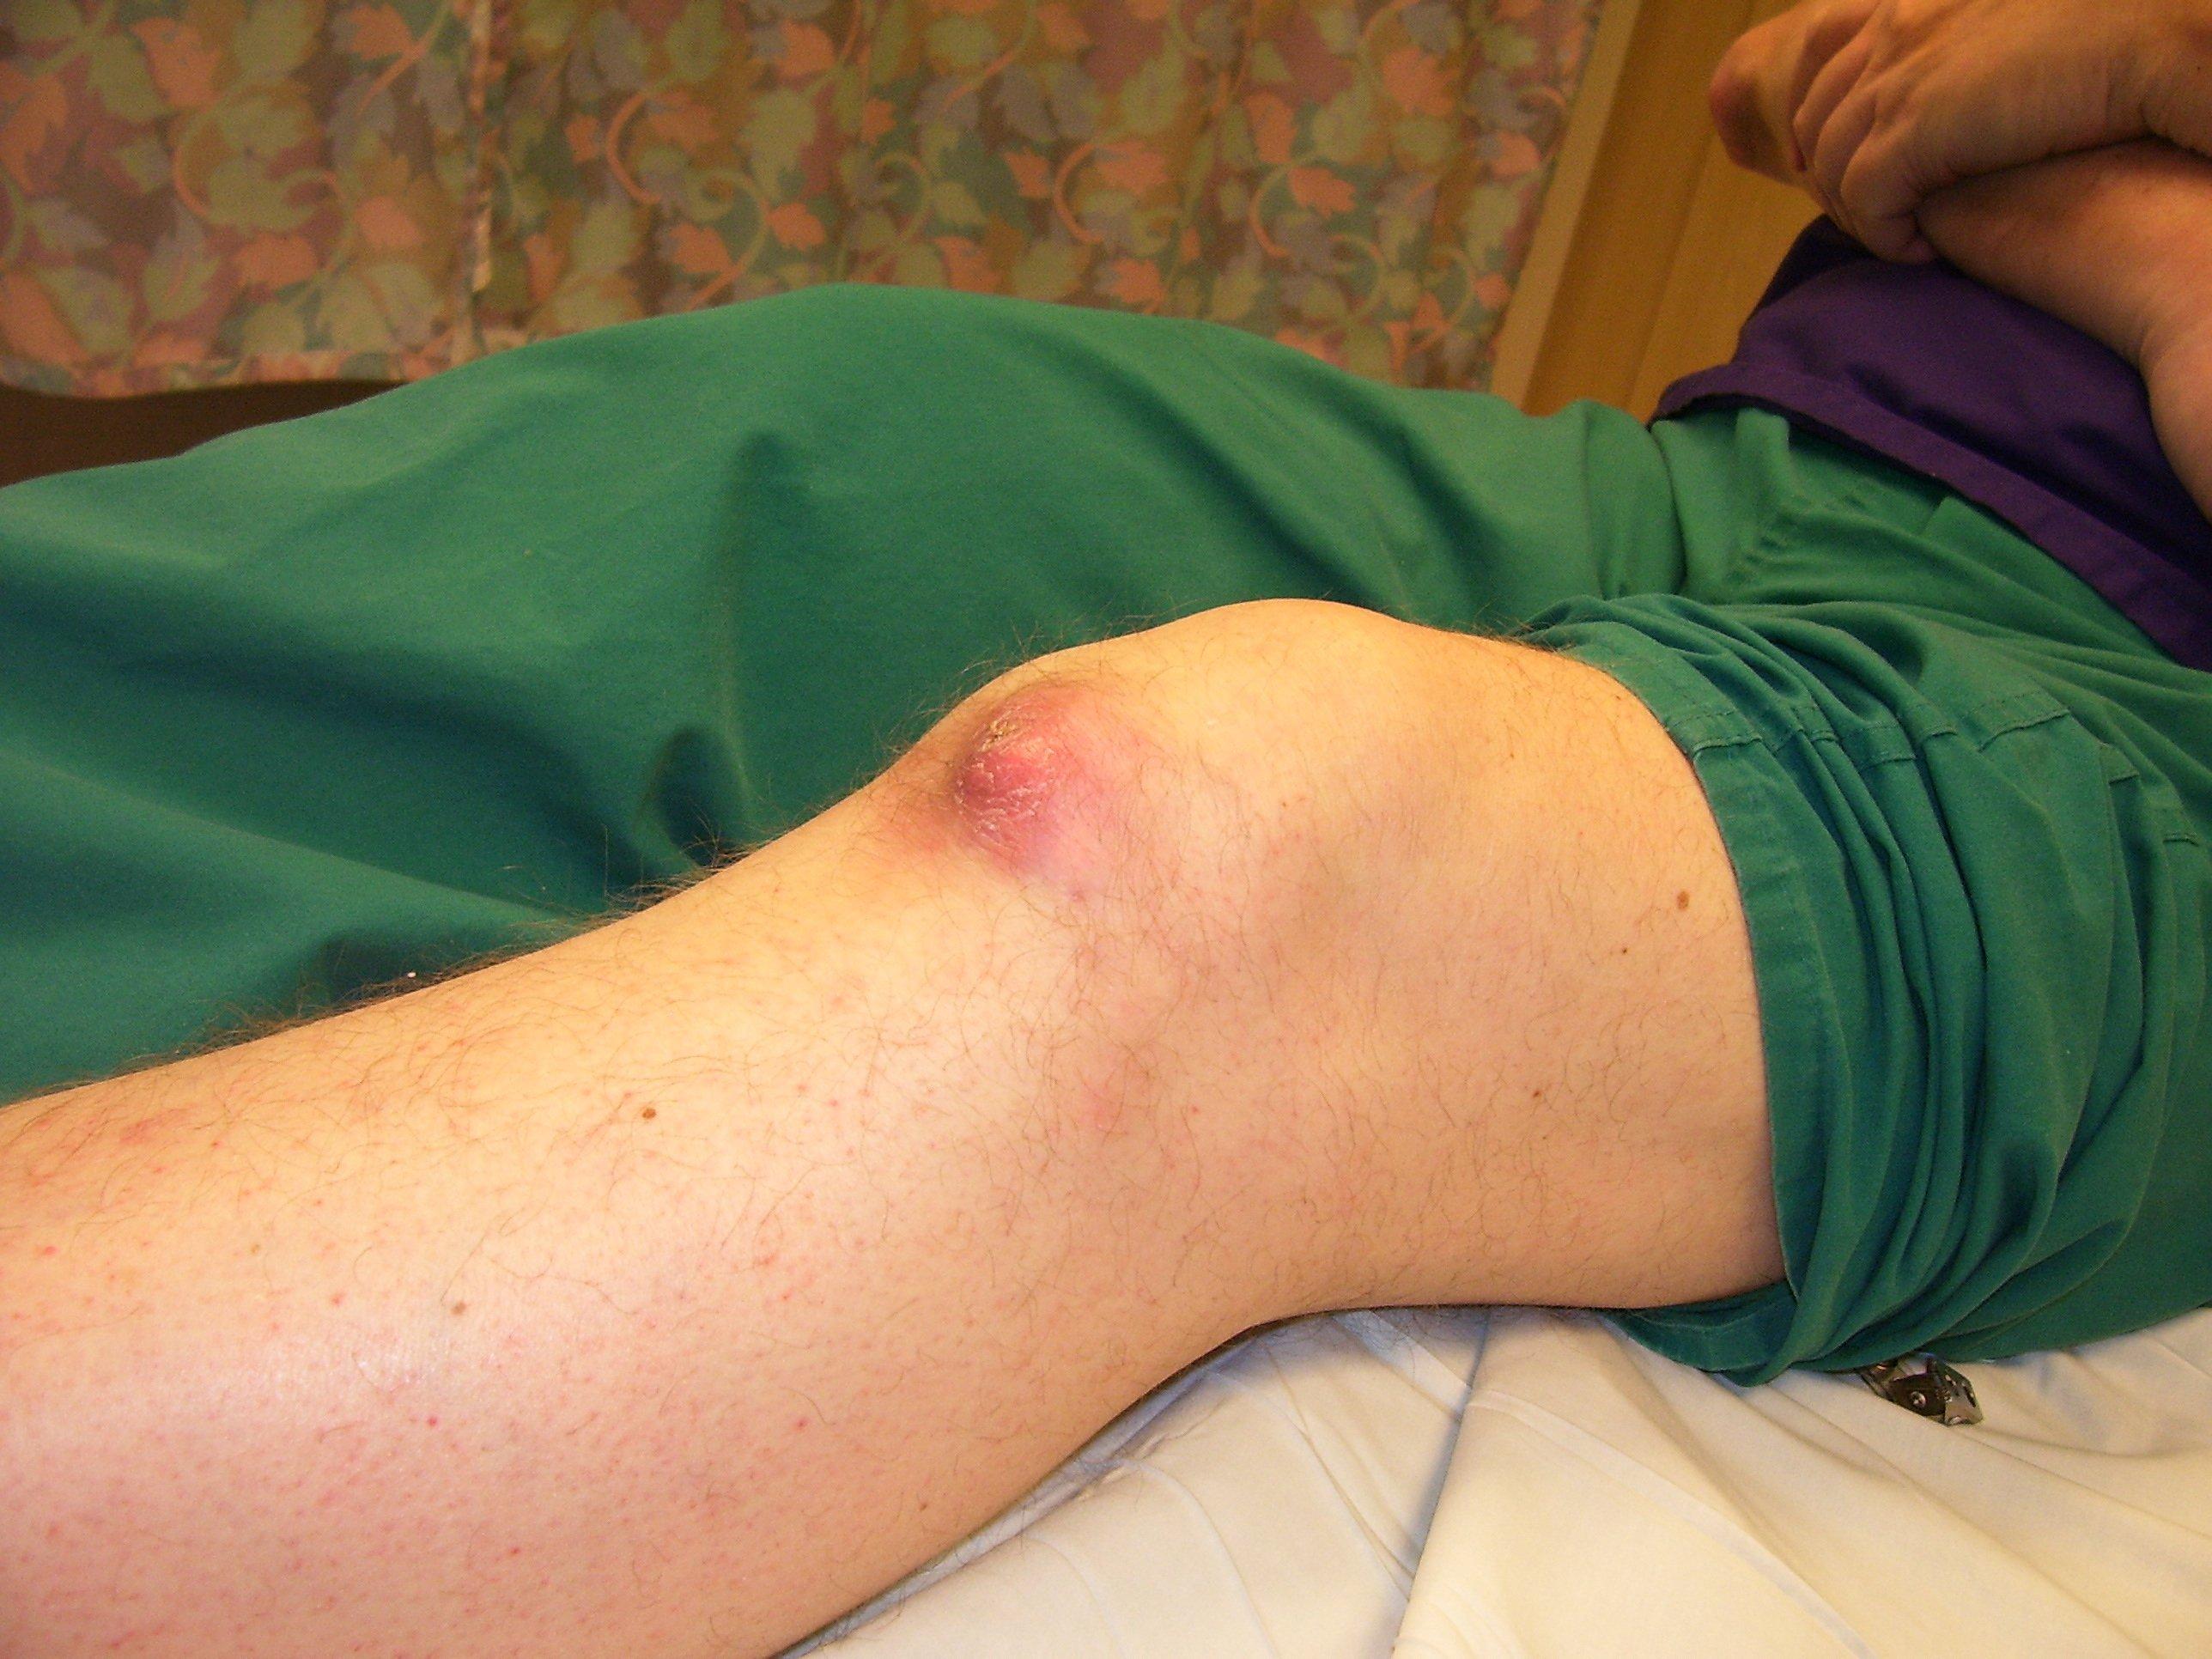 Tofo gotoso en rodilla. Fuente: Wikimedia Commons